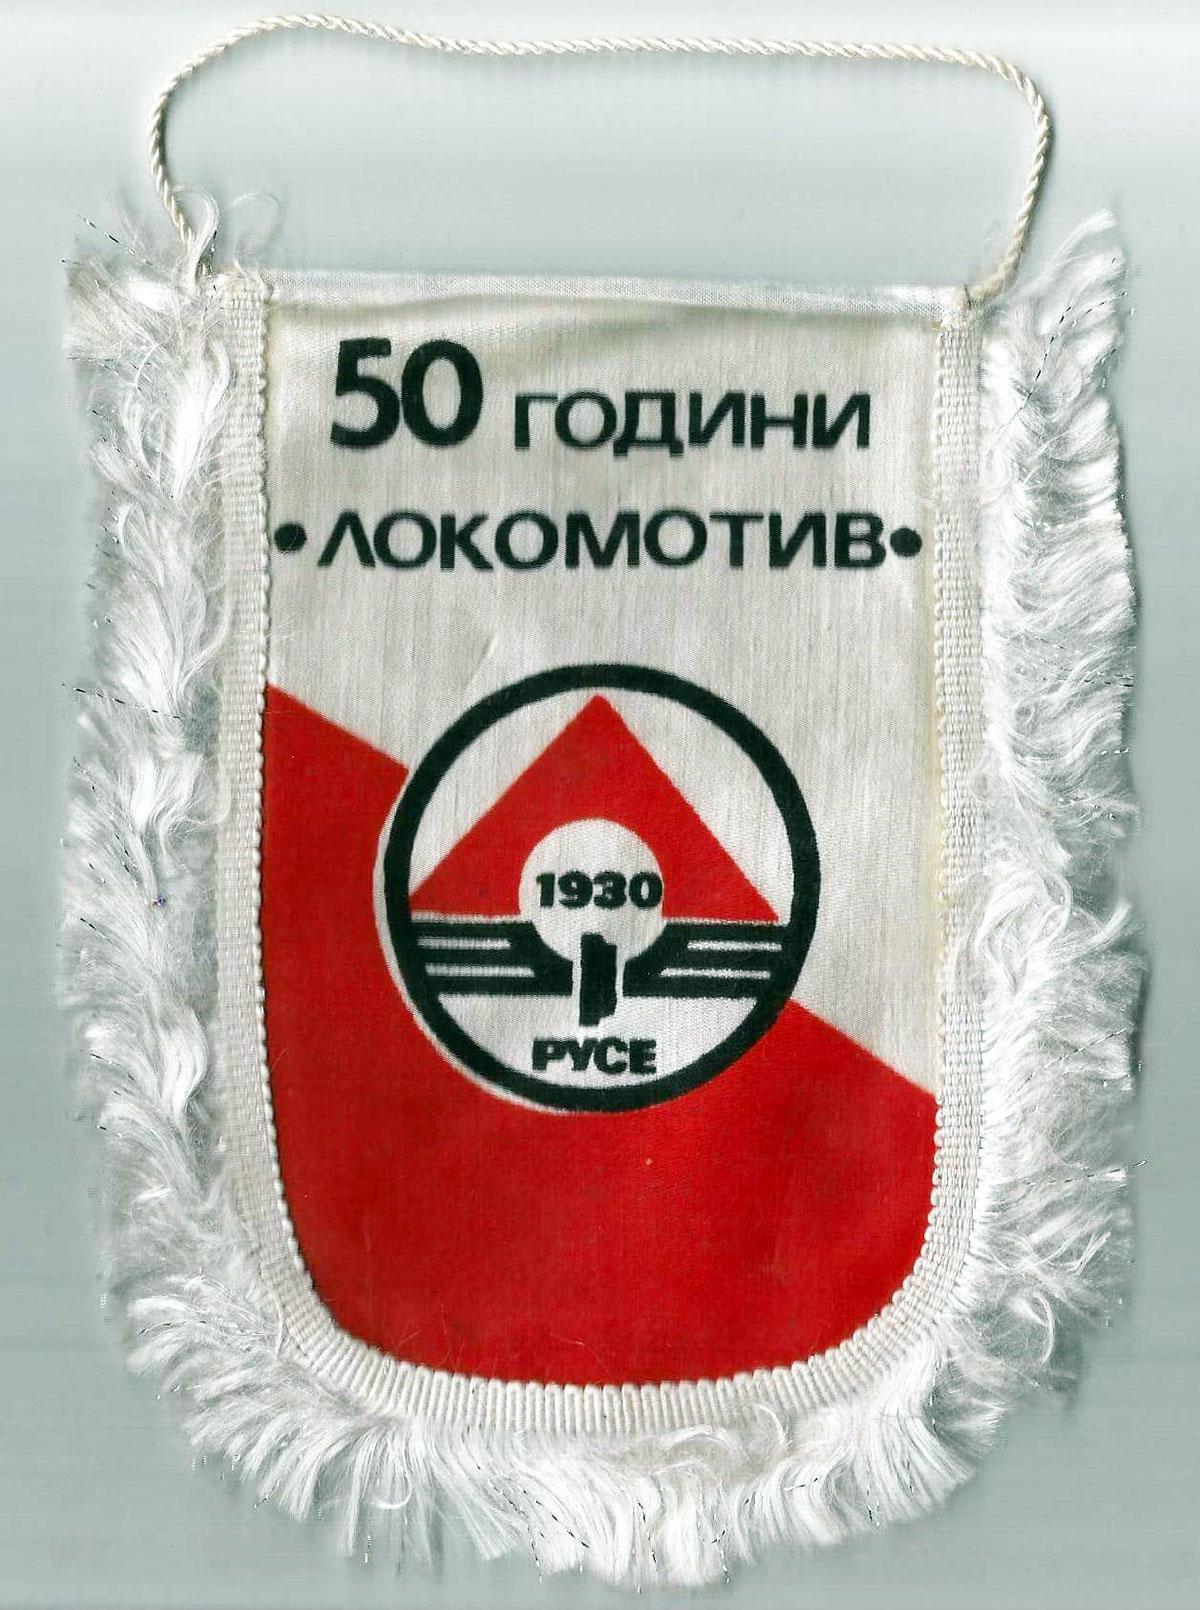 50 години Локомотив (Русе)